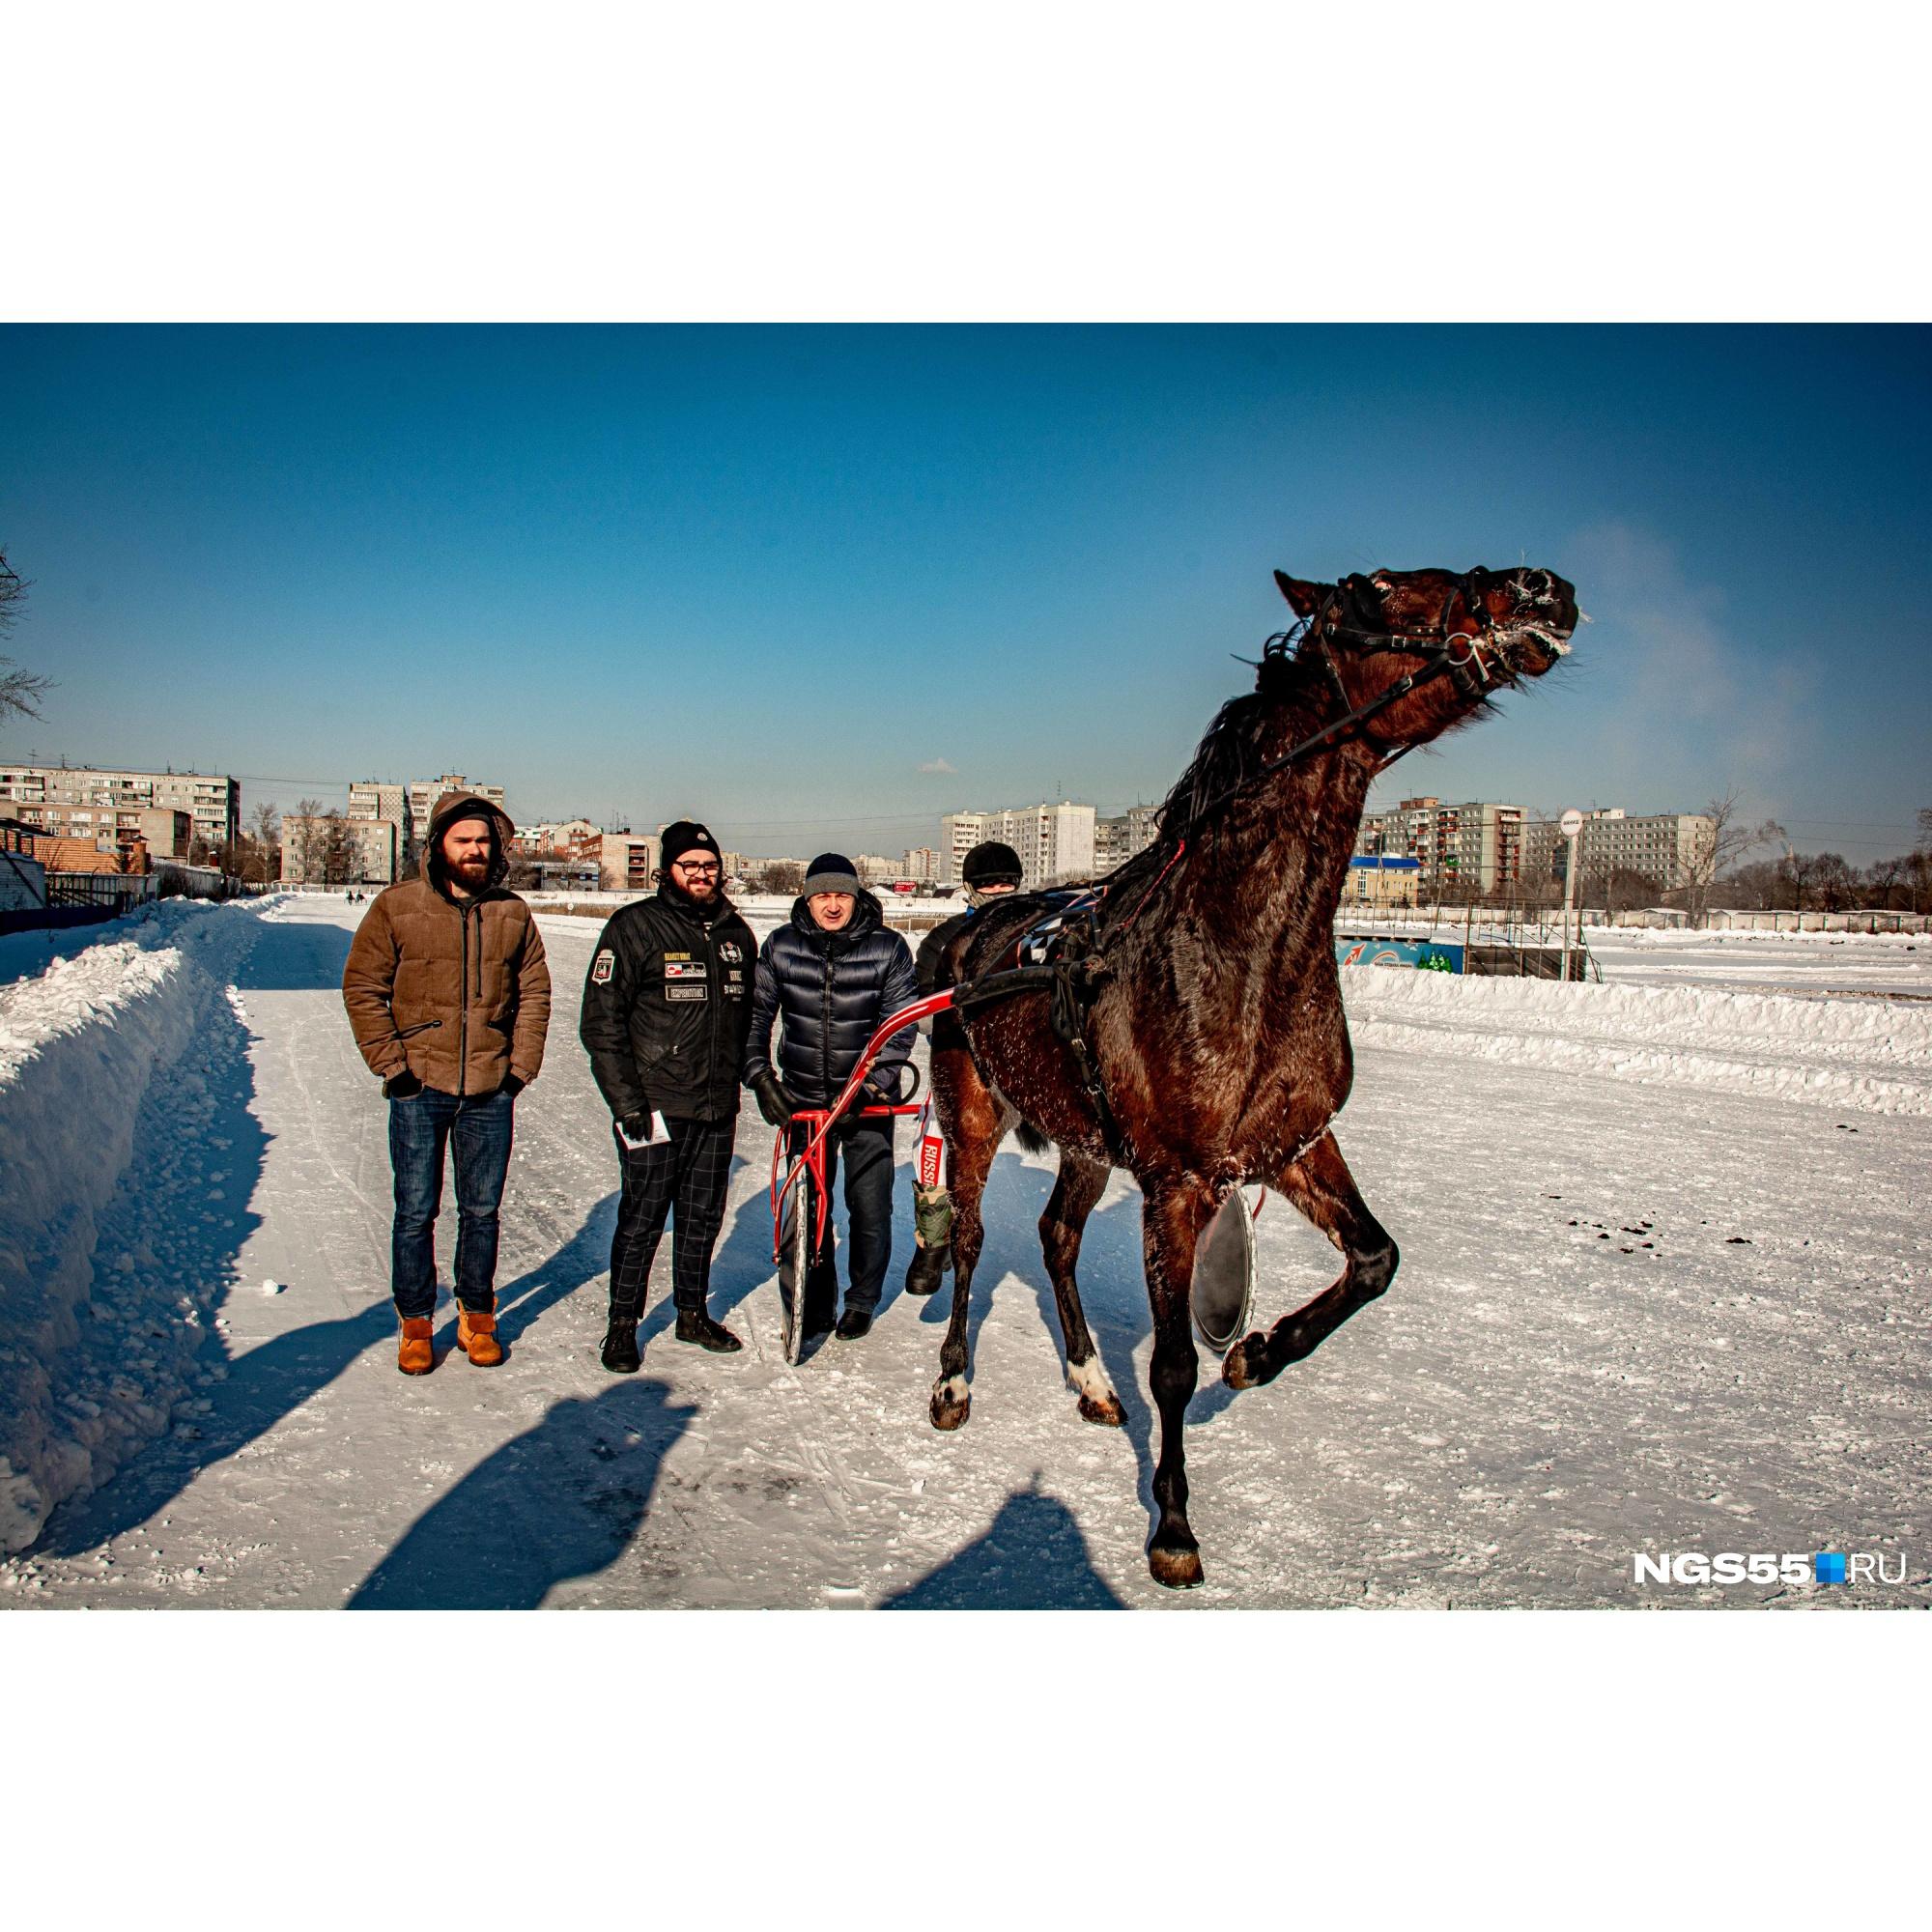 «Кстати, фоторепортаж про лошадок можете найти на NGS55.RU»